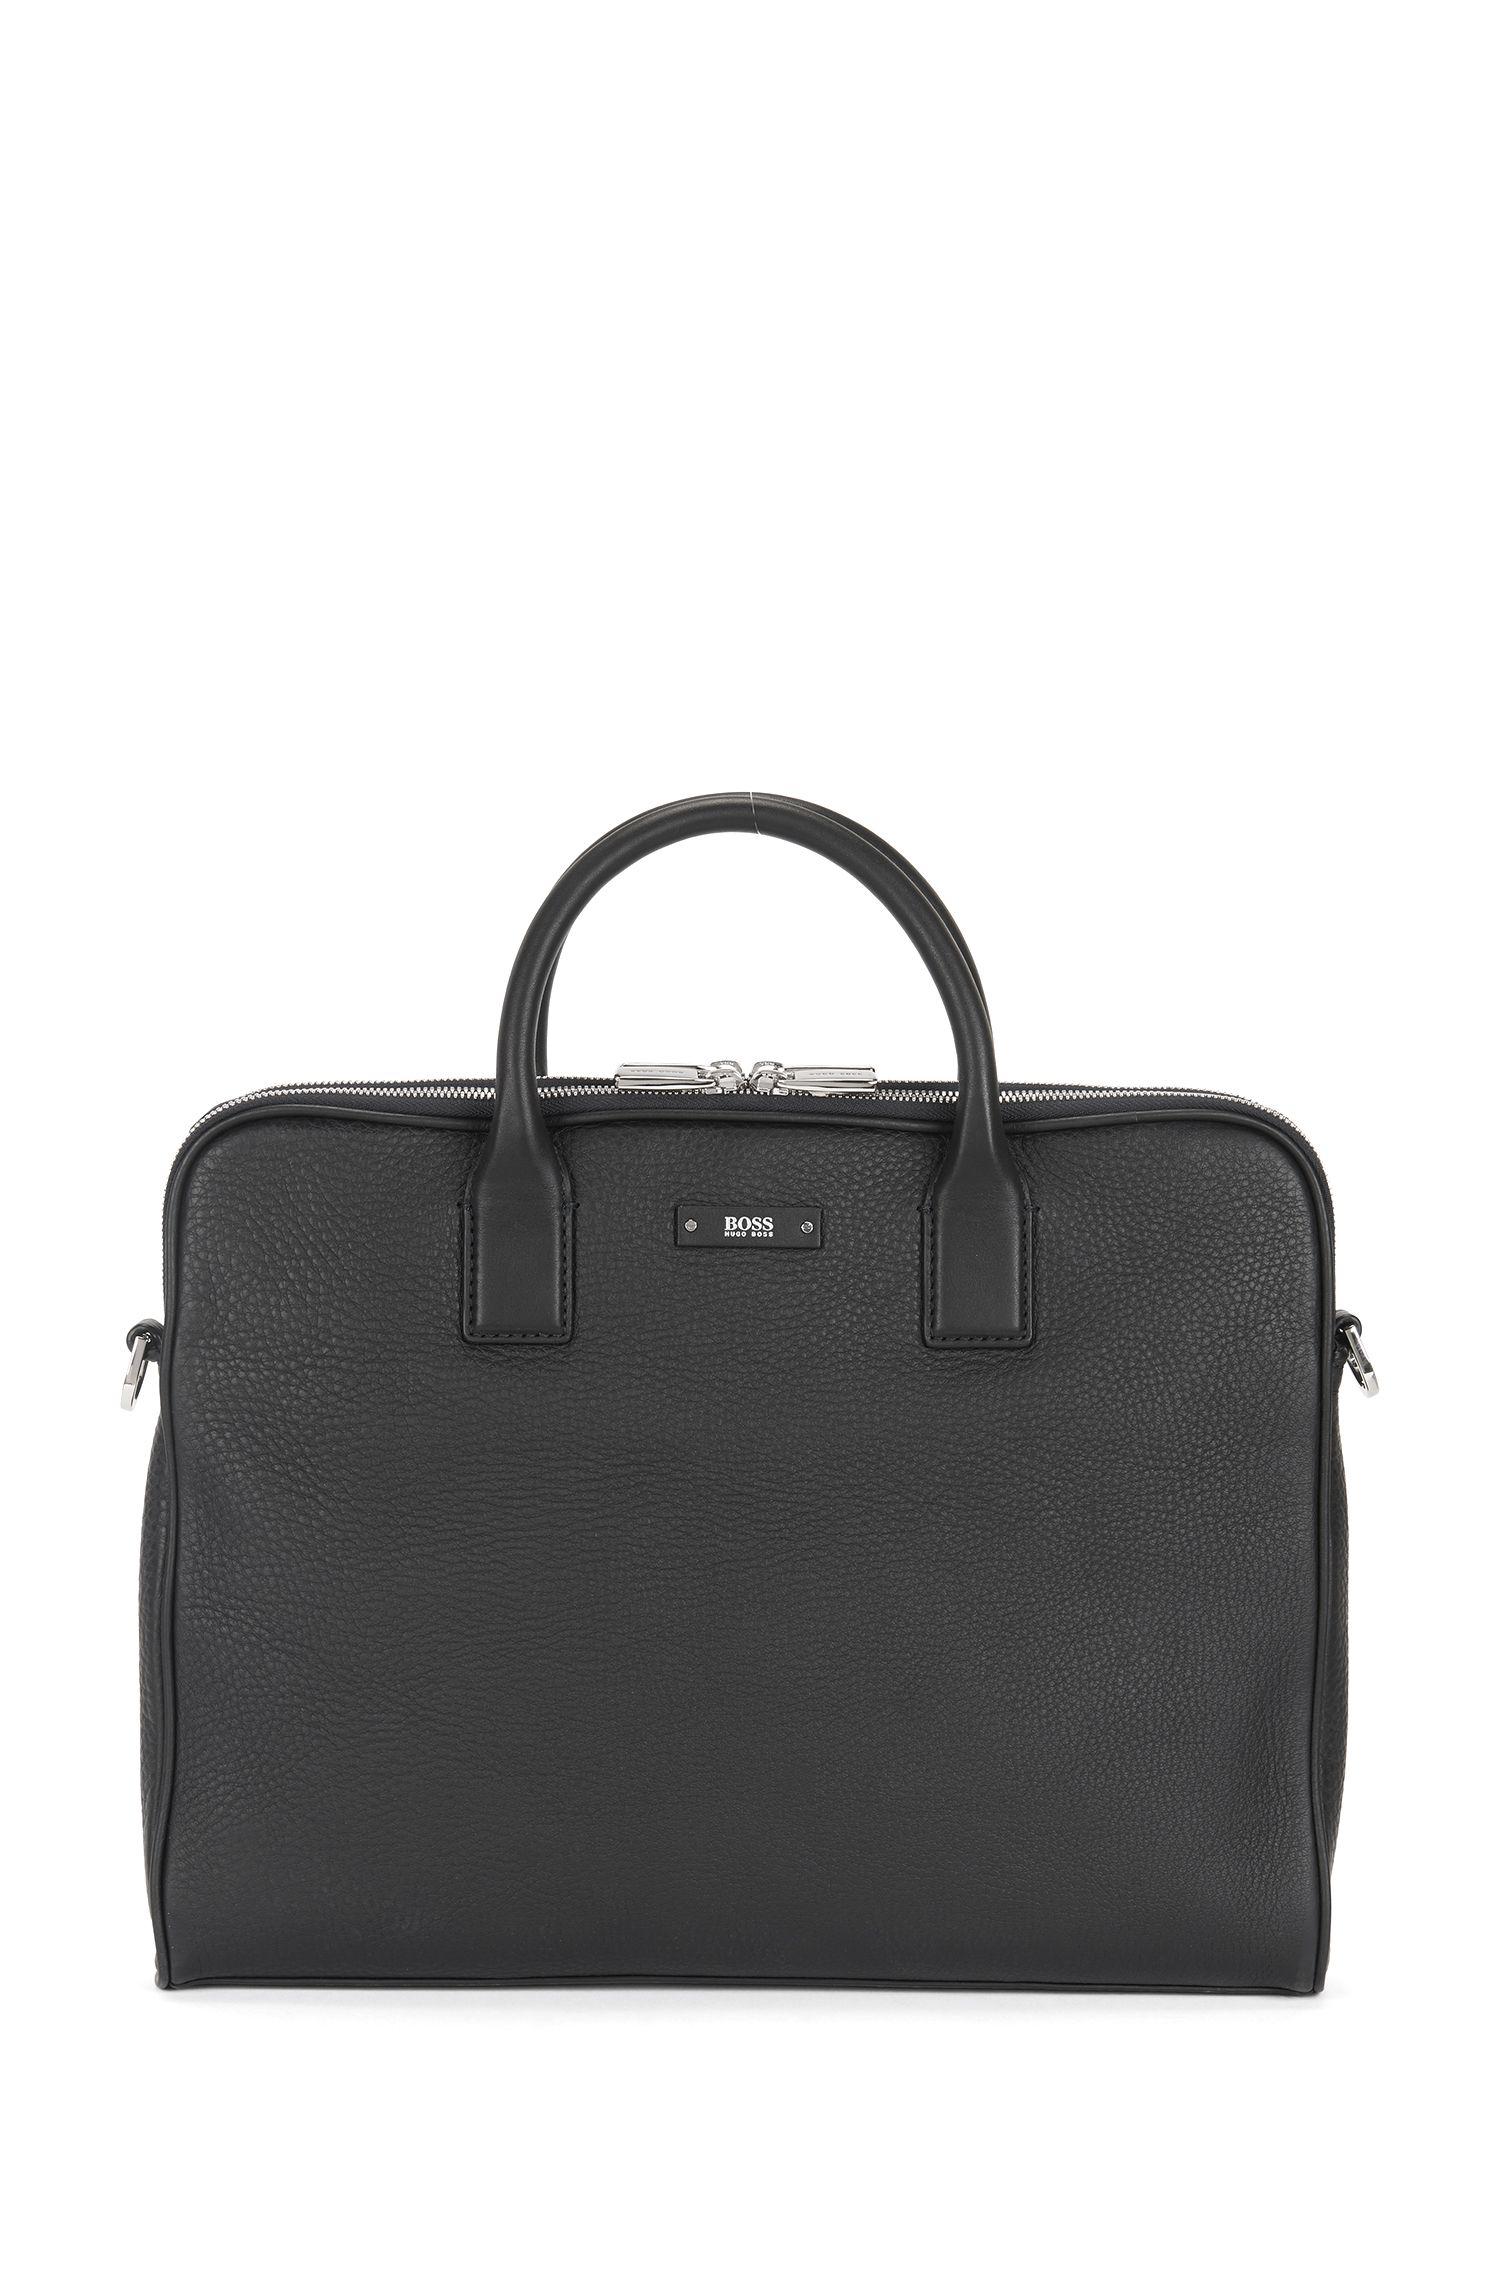 Leather Workbag | Traveller D Z Comp, Black